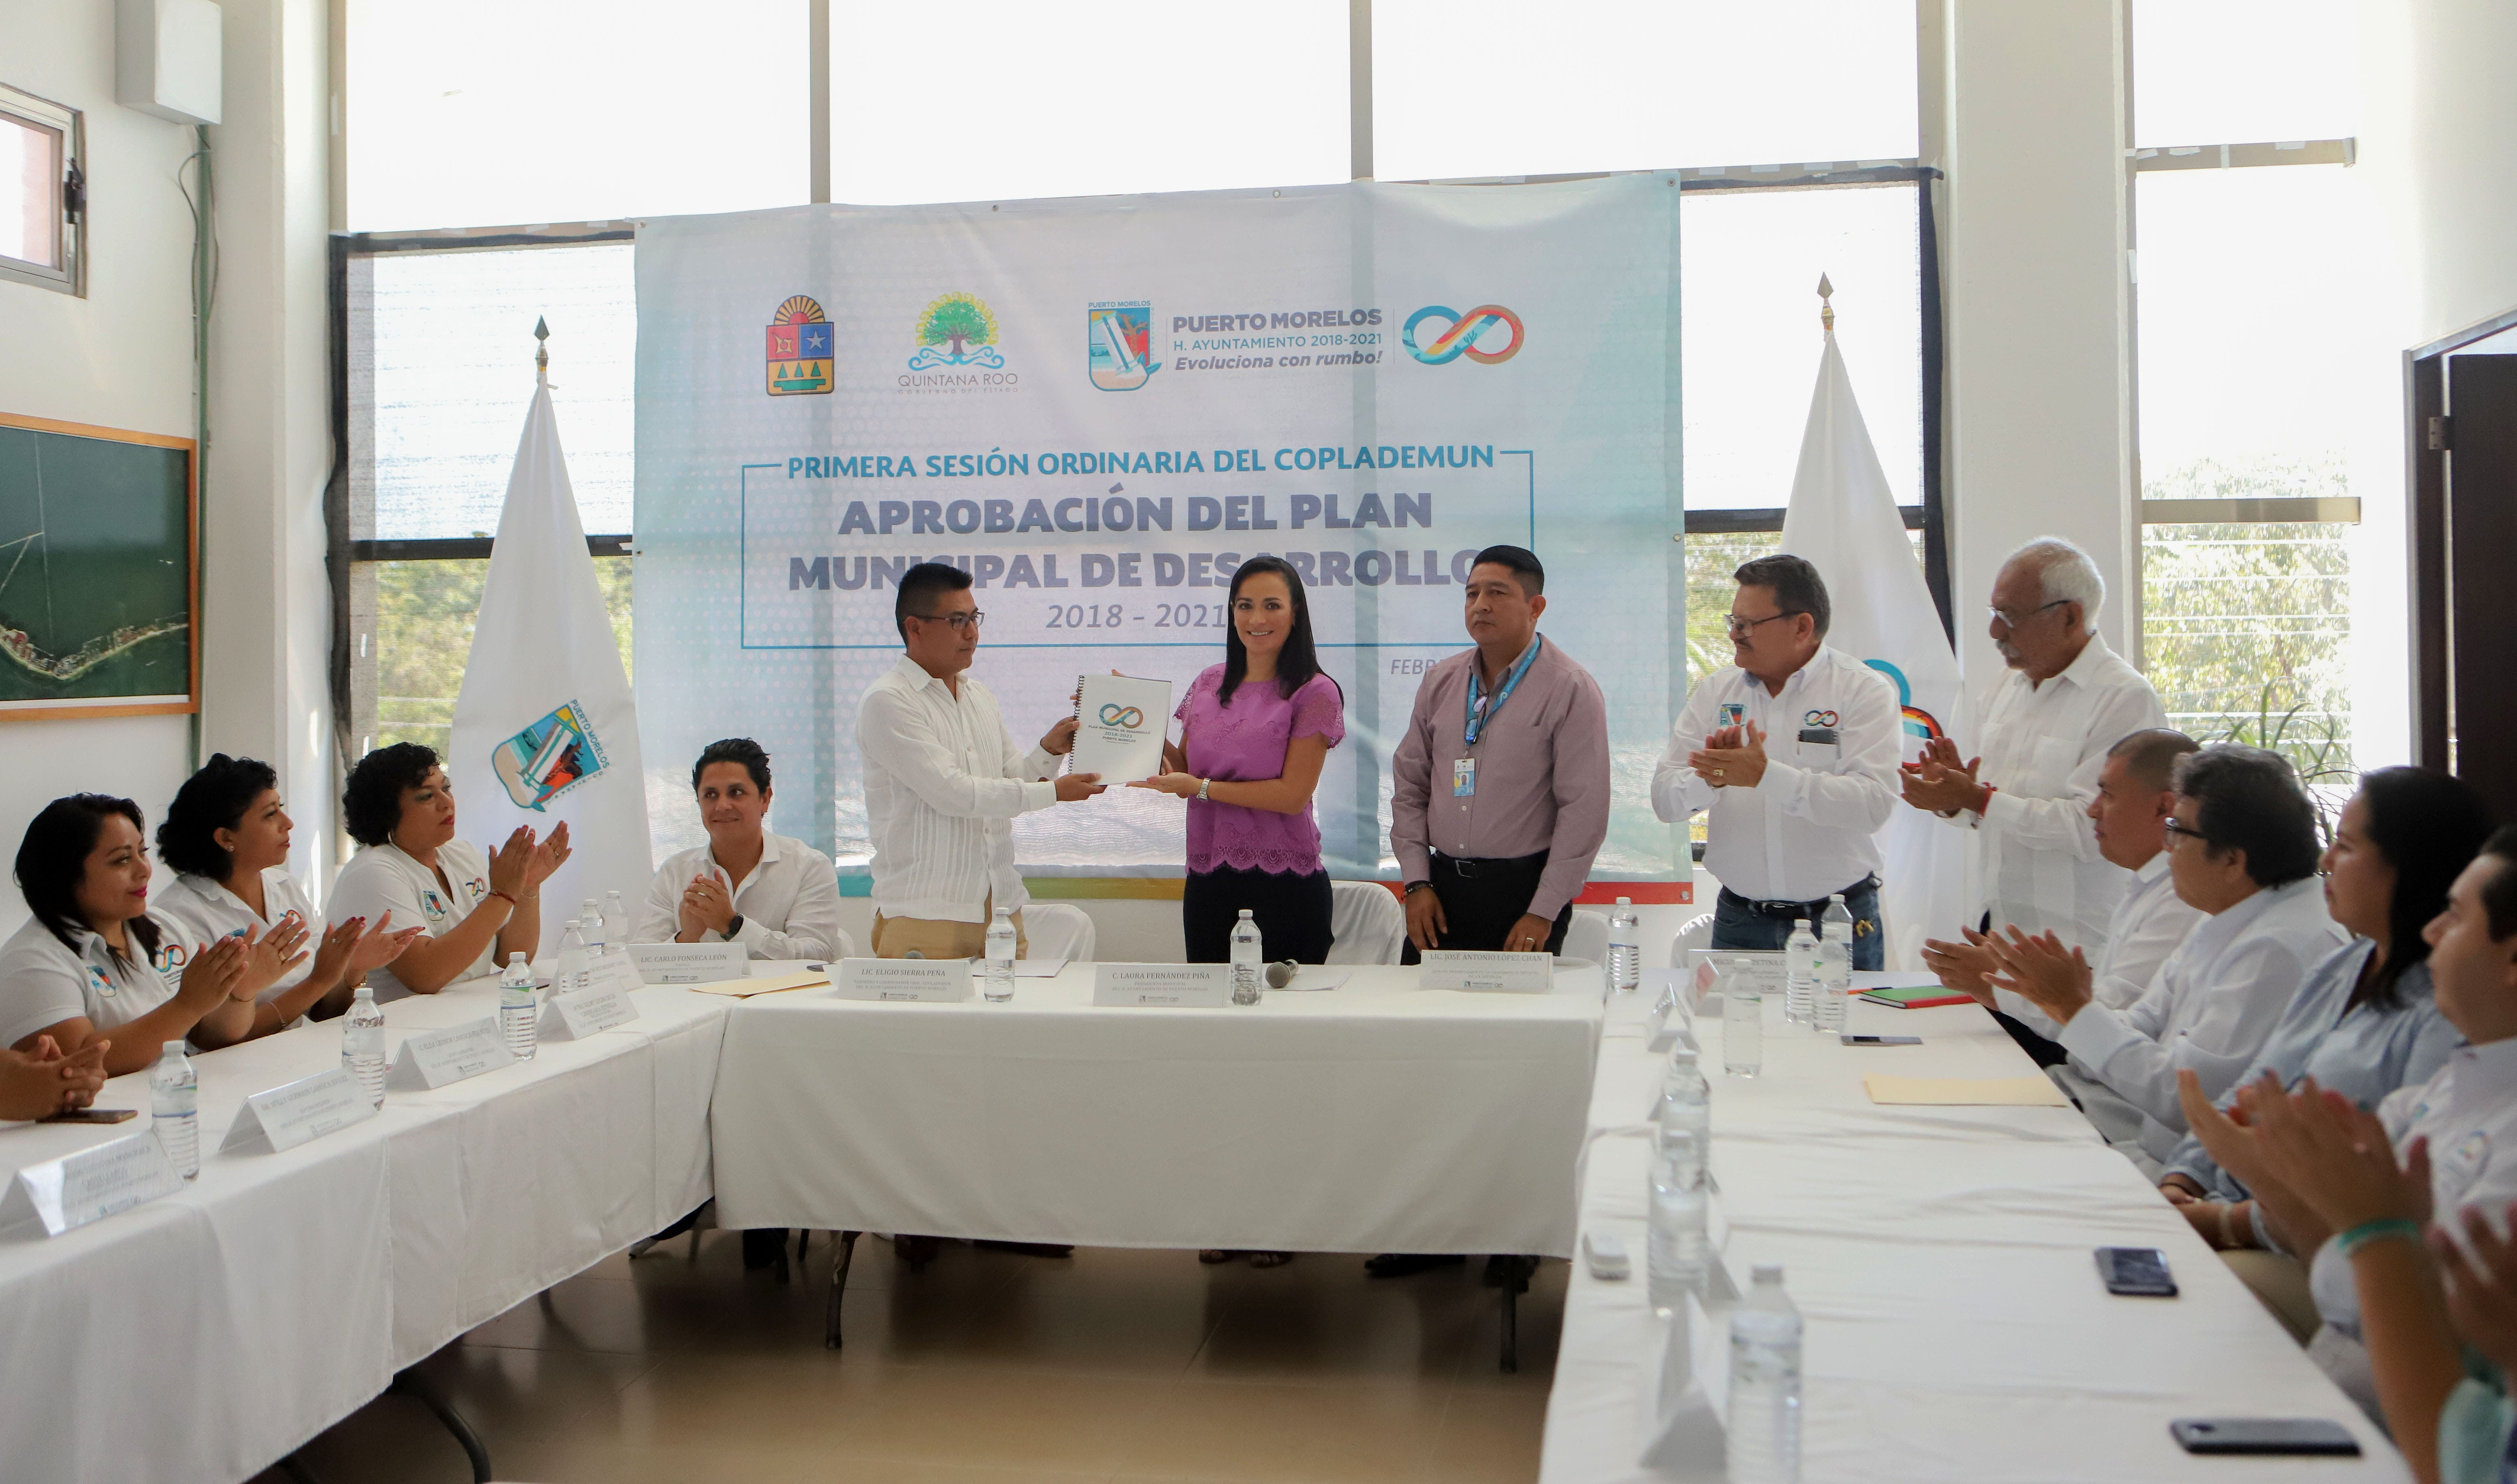 Aprueban Plan Municipal de Desarrollo 2018-2021 de Puerto Morelos